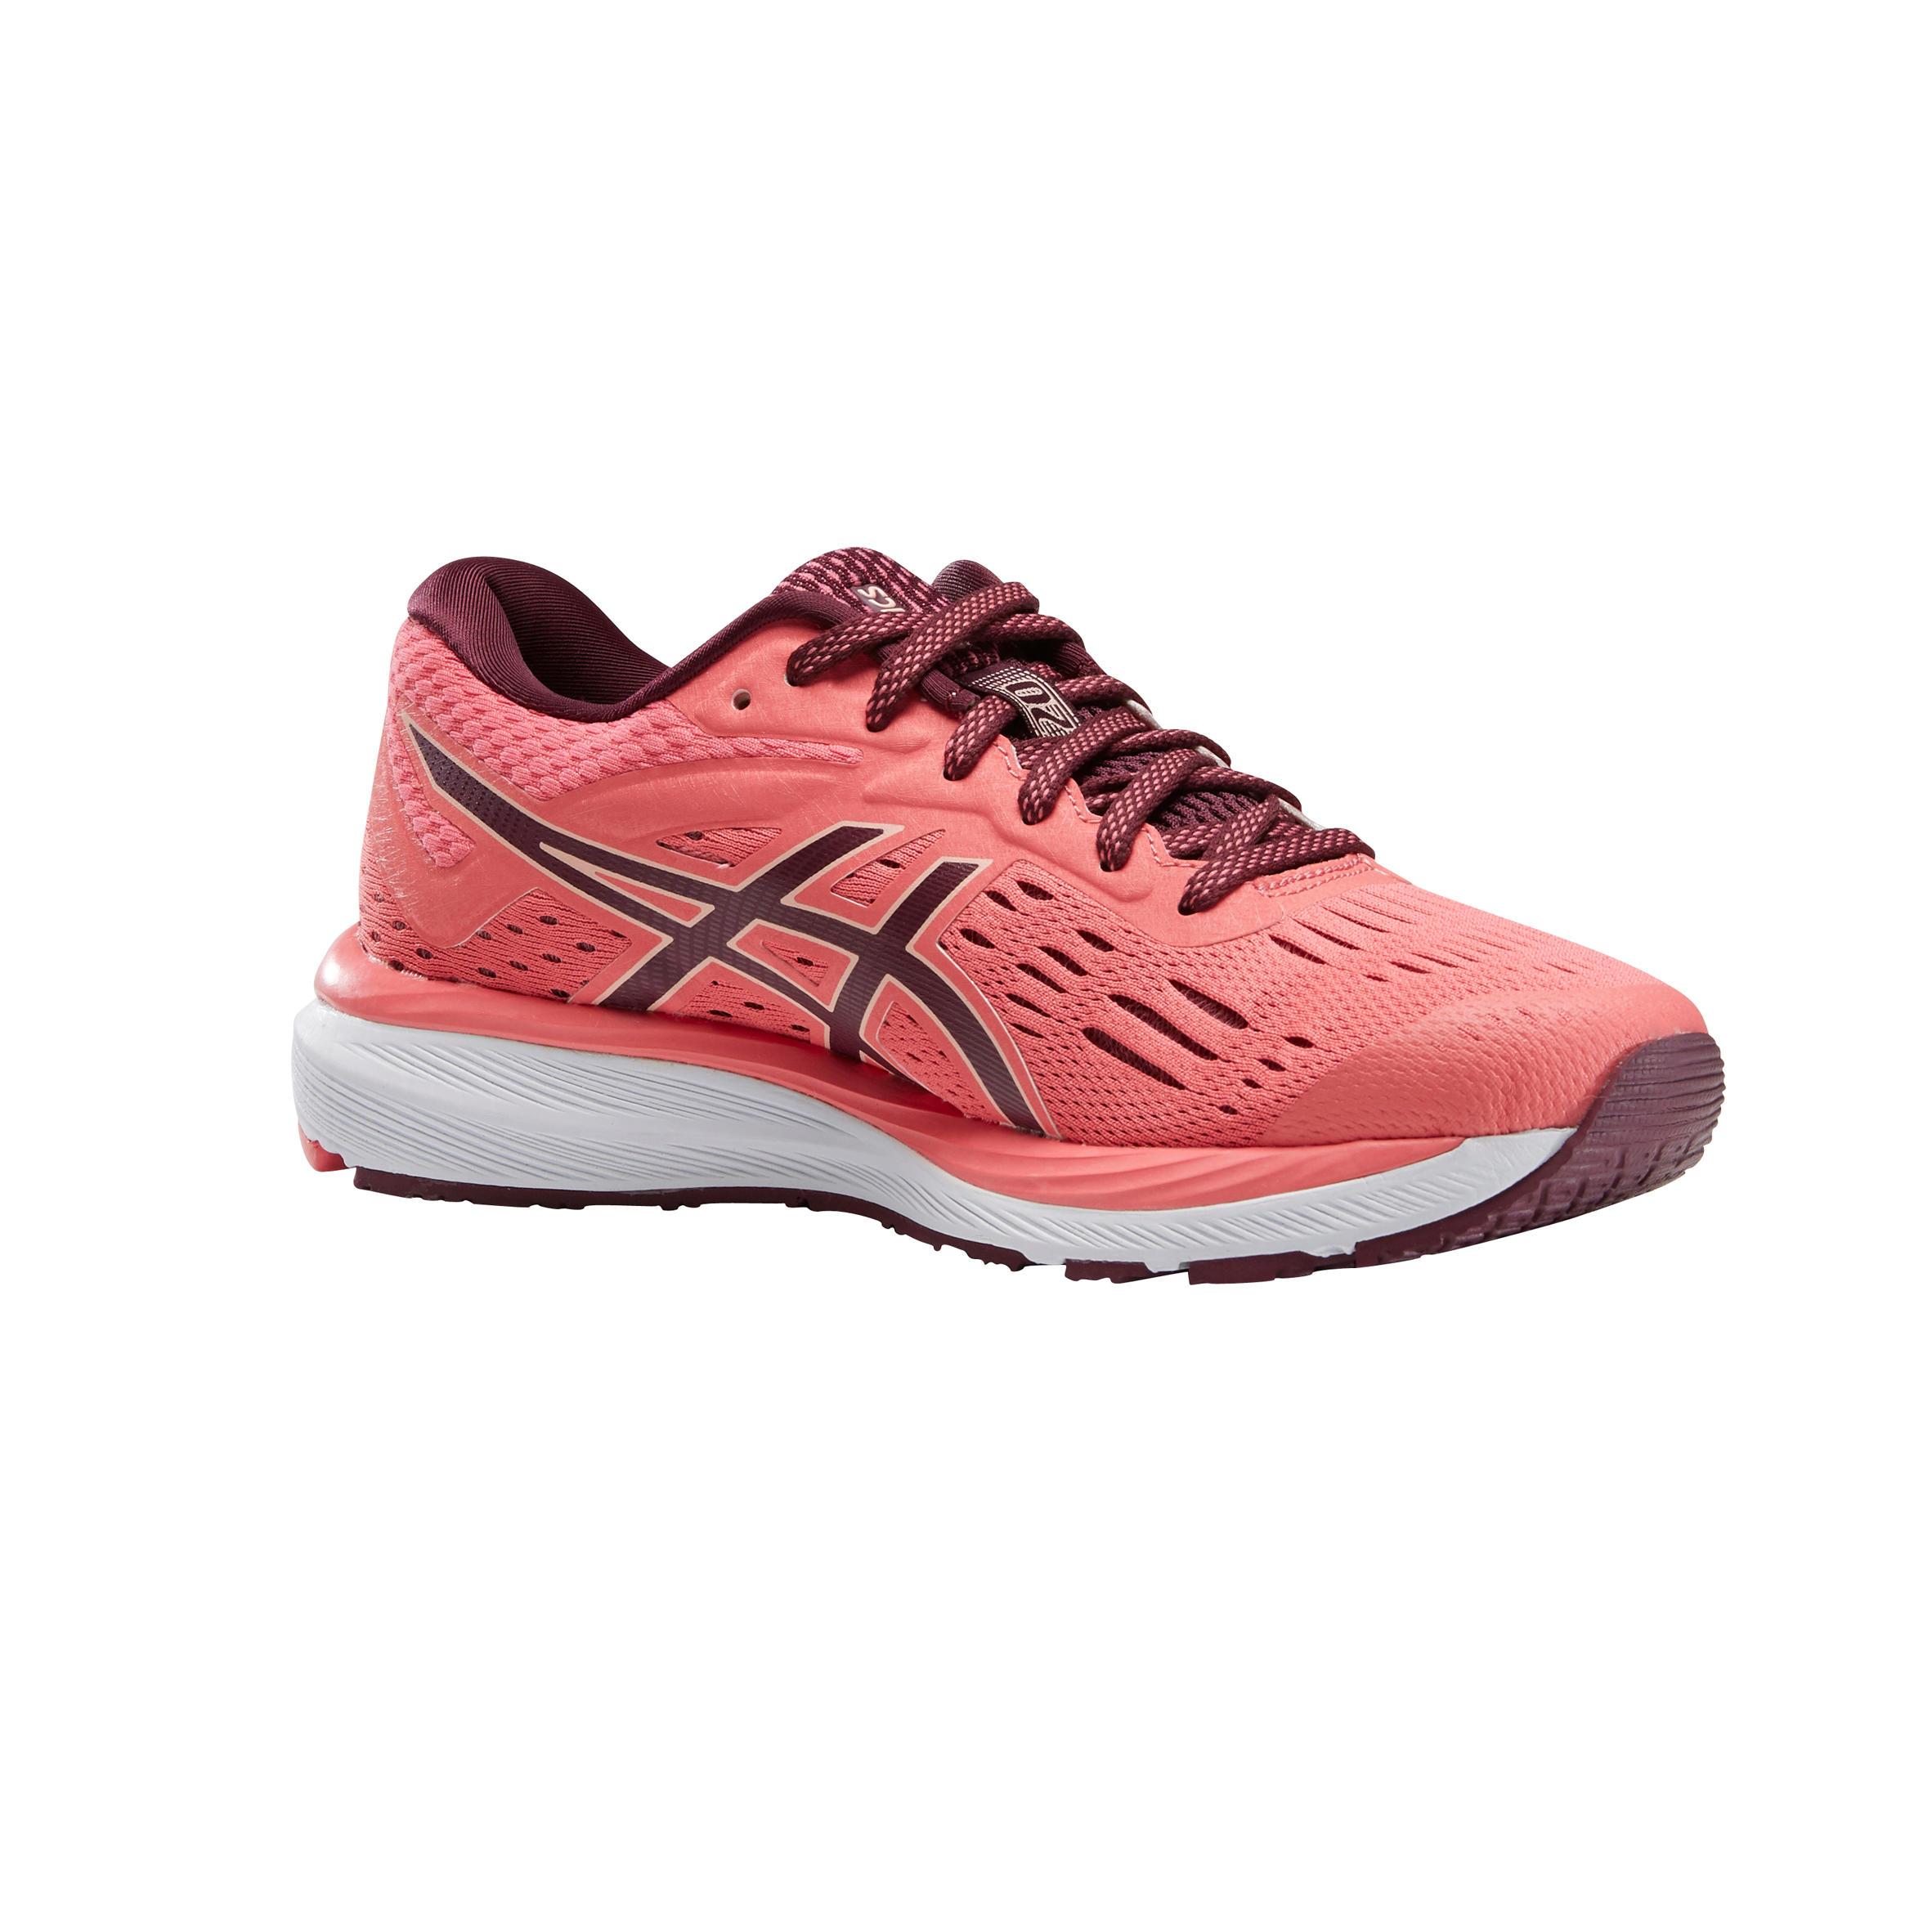 c0eac03869c Comprar zapatillas de running online